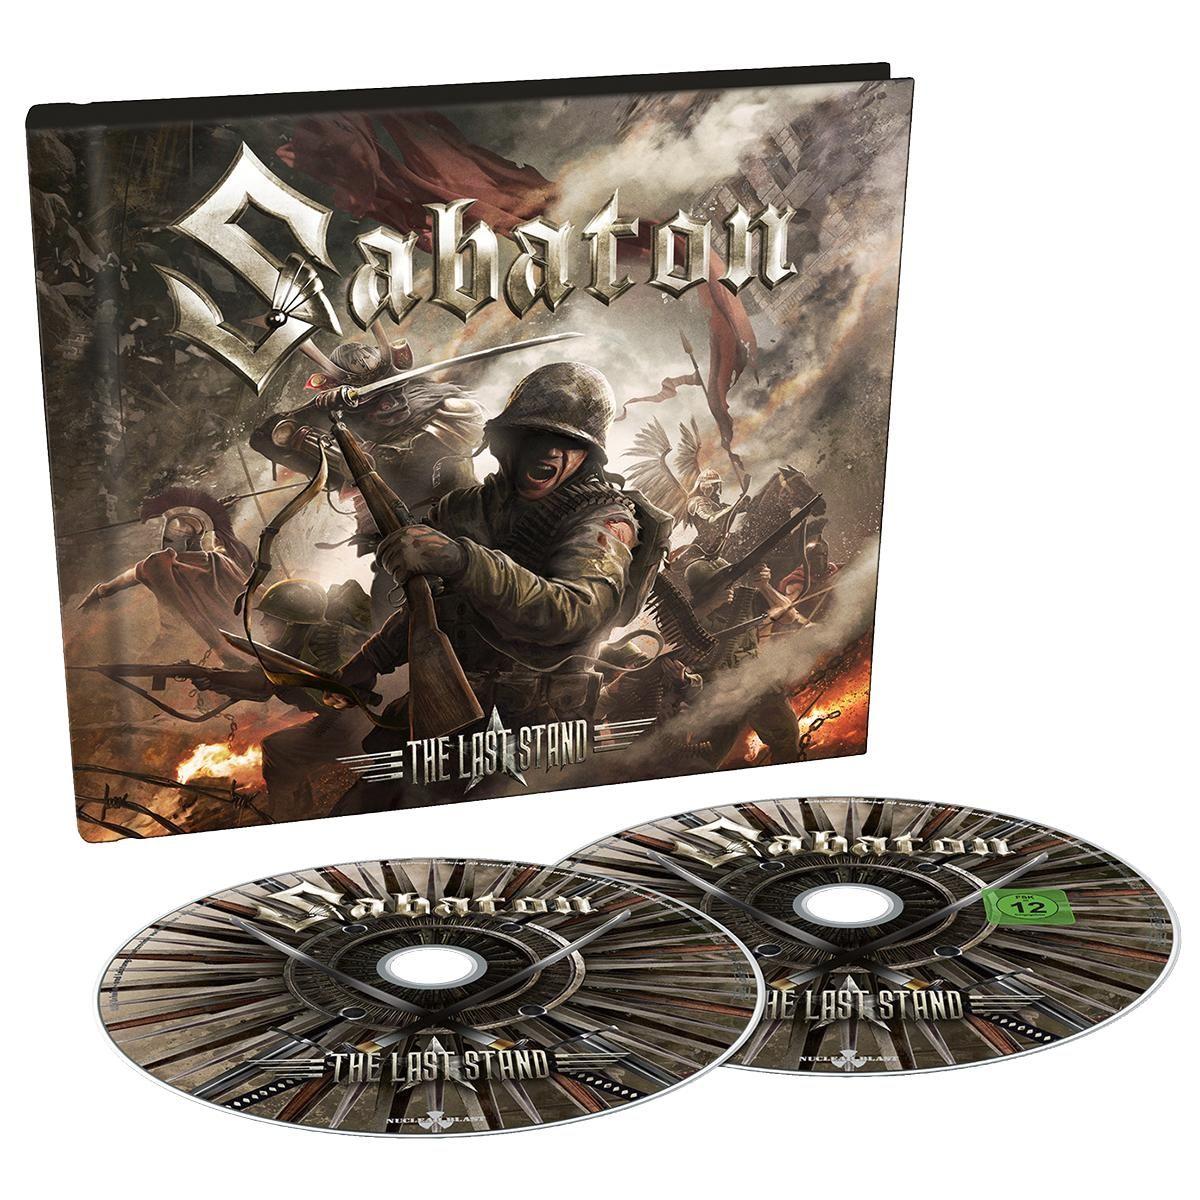 """Sabaton """"The Last Stand"""" – Uuttera sotakone jatkaa maiden ja mantujen valloittamista! Lue bändin haastattelu EMP-blogista: http://www.emp.fi/blog/musiikki/haastattelut/sabaton-the-last-stand/?wt_mc=sm.pin.fp._BMT_00000_20160612.sabaton-the-last-stand-blogi"""